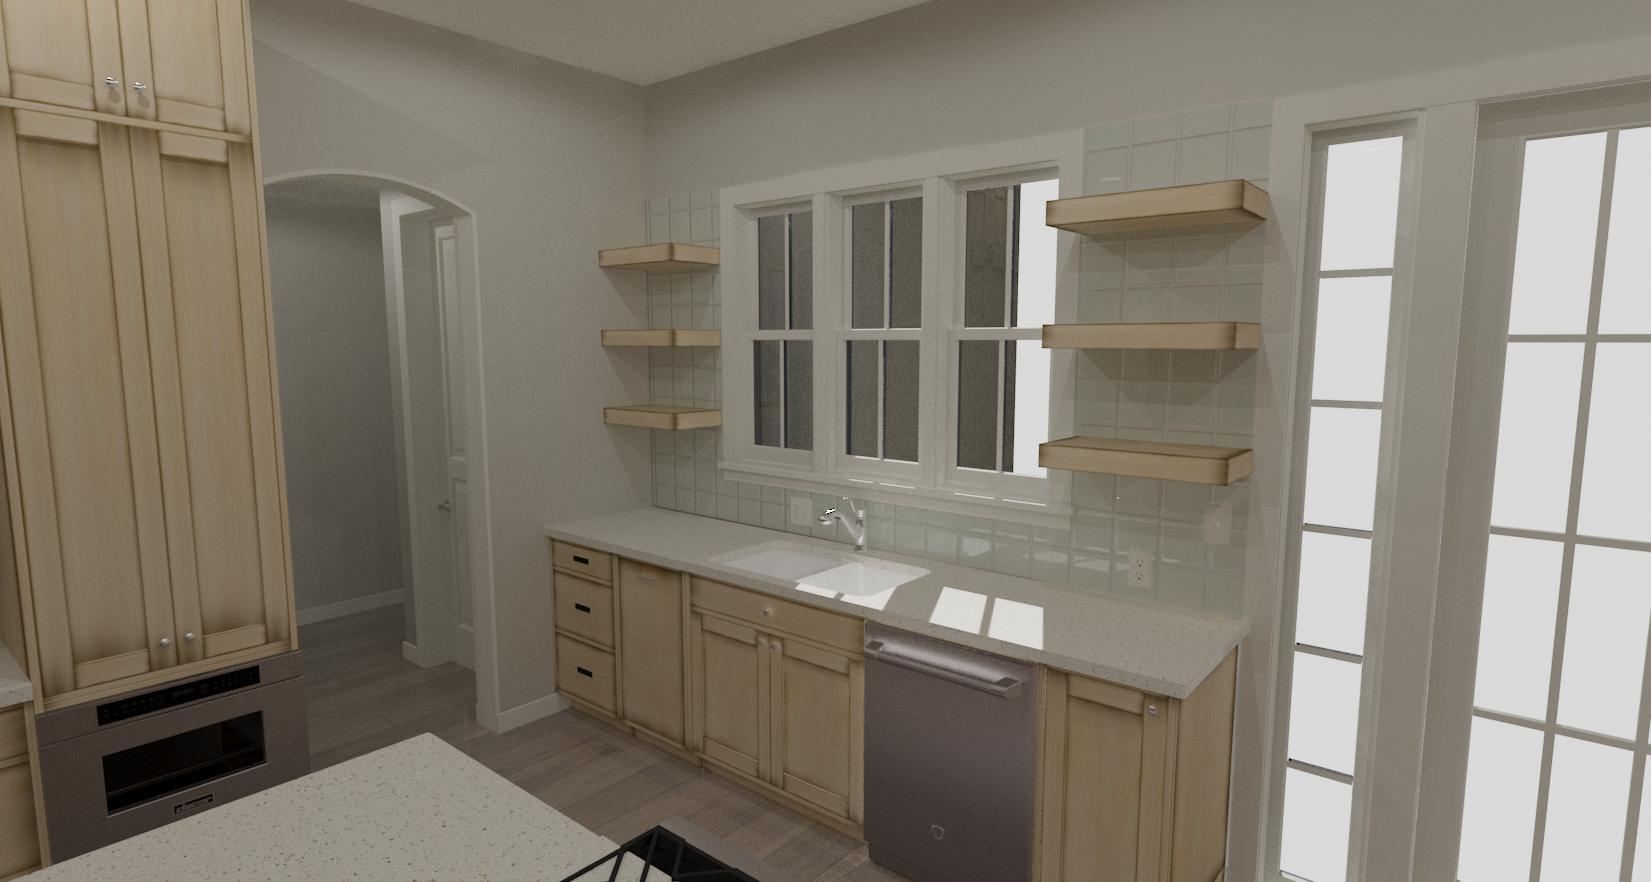 Eagle Harbor Kitchen Remodel